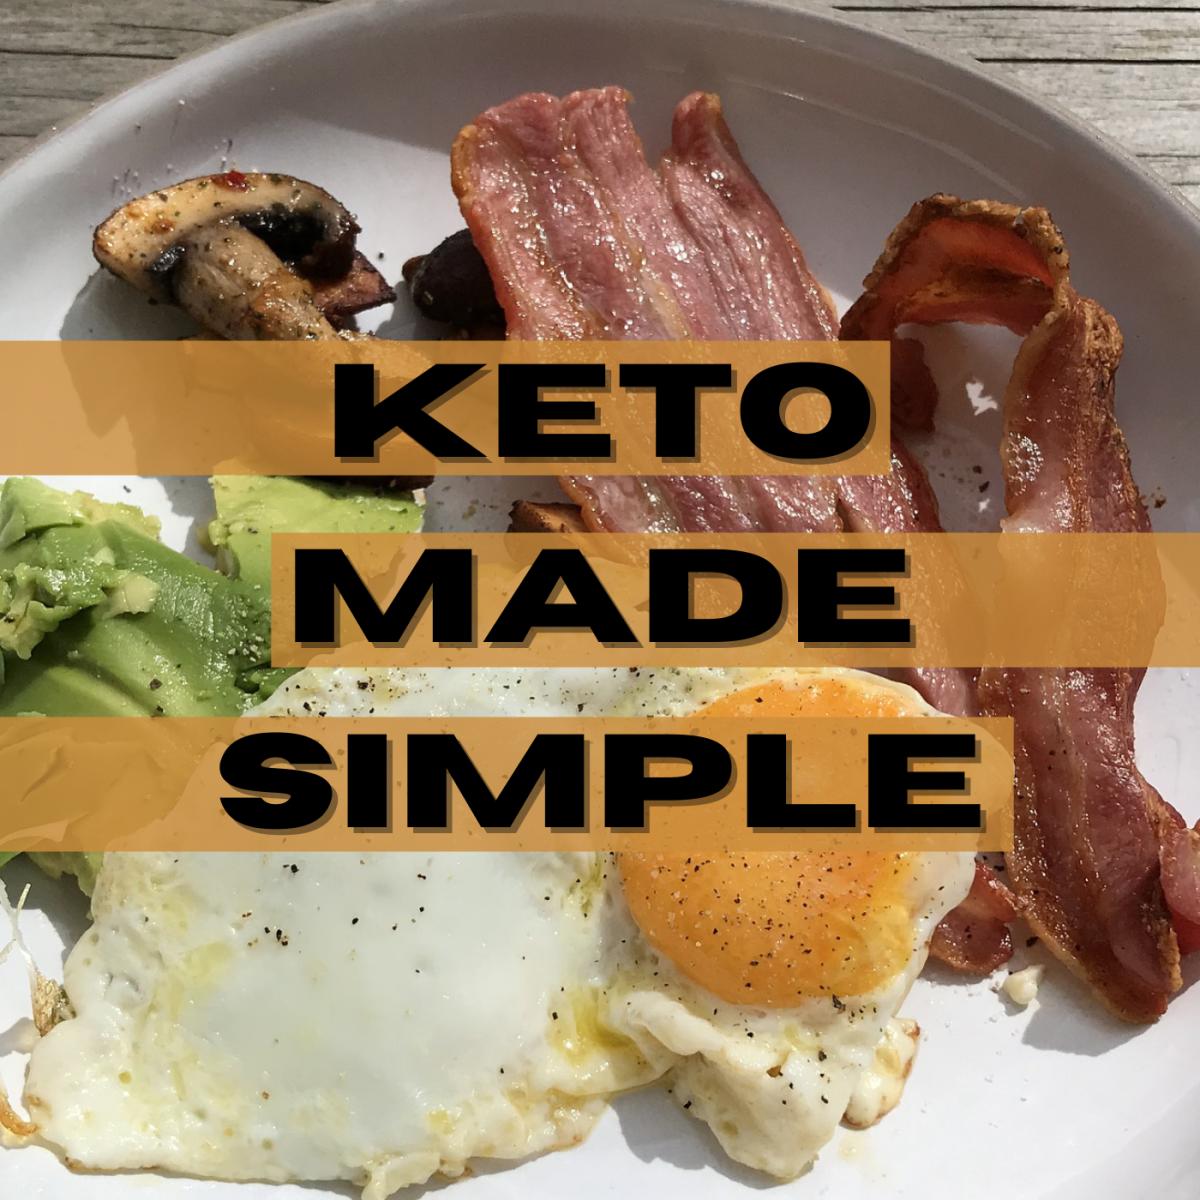 Keto made simple